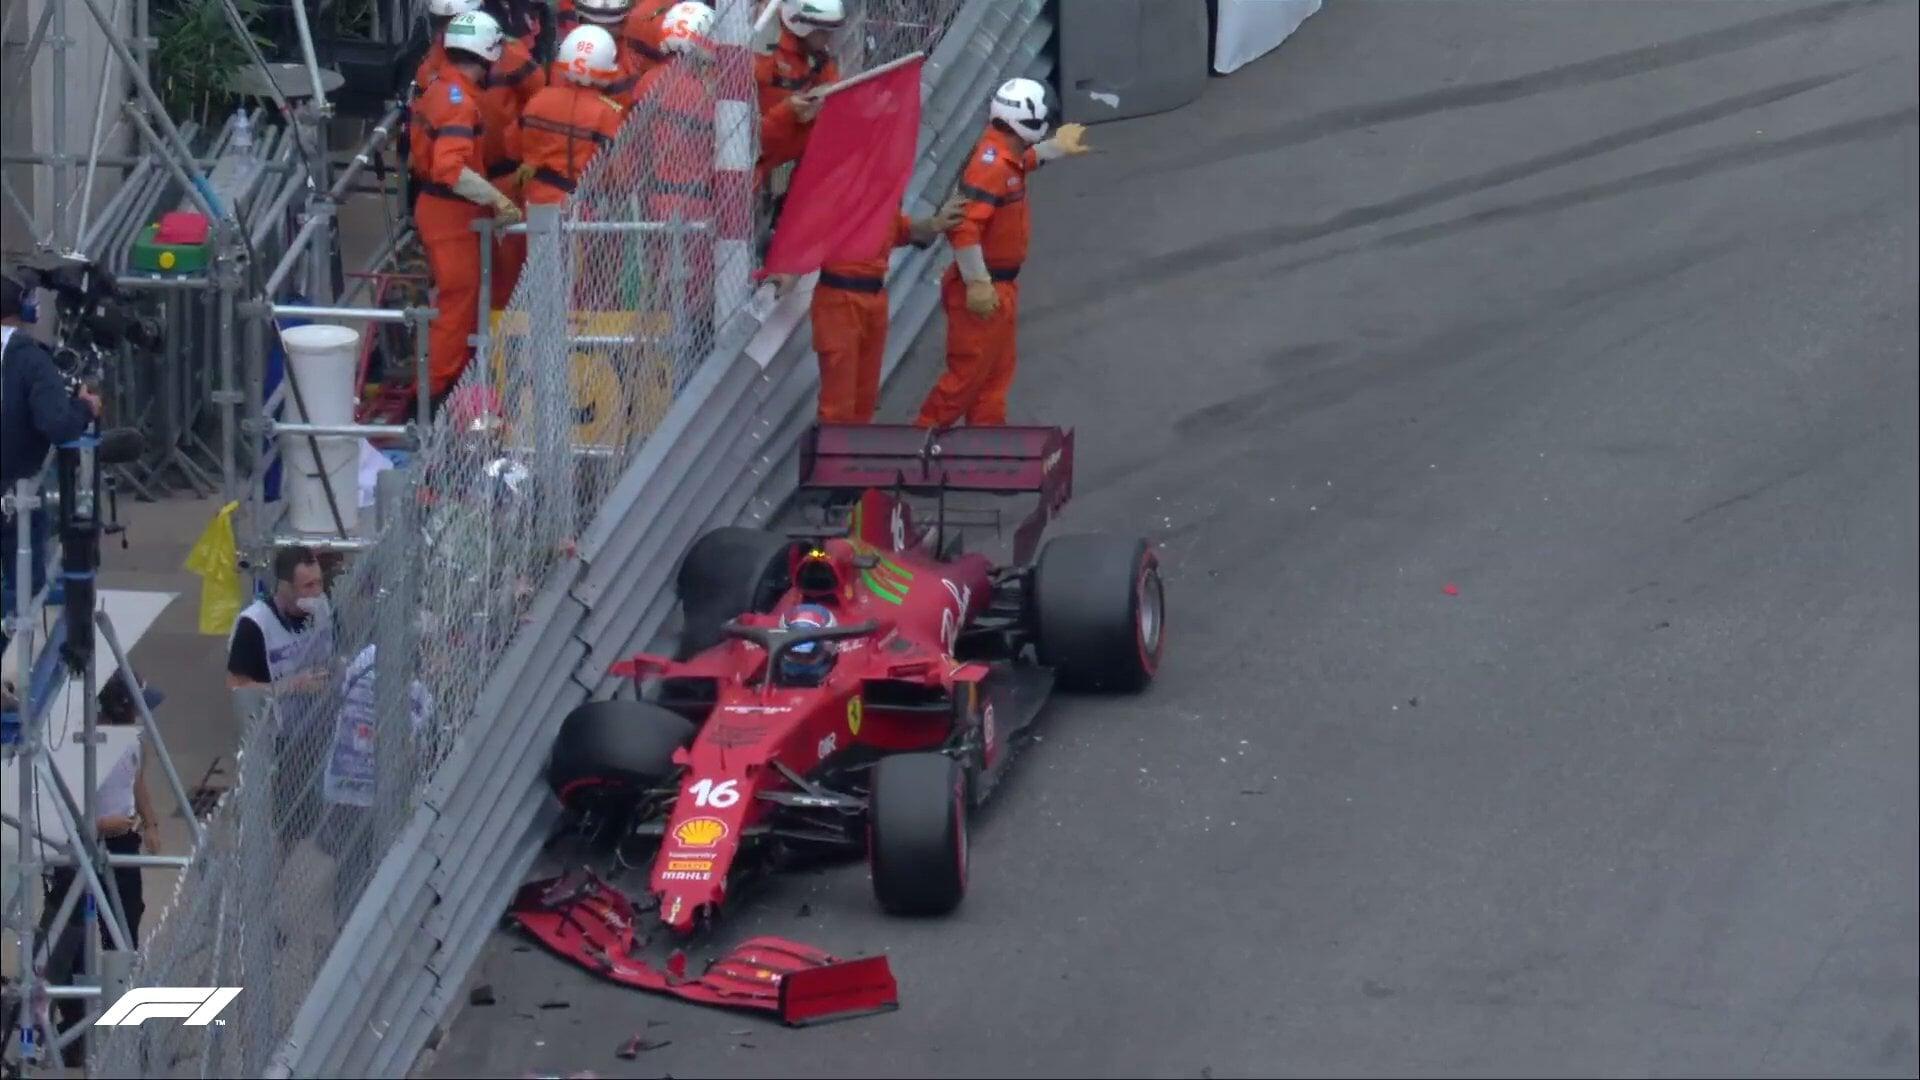 Леклер выиграл квалификацию в Монако и разбил болид